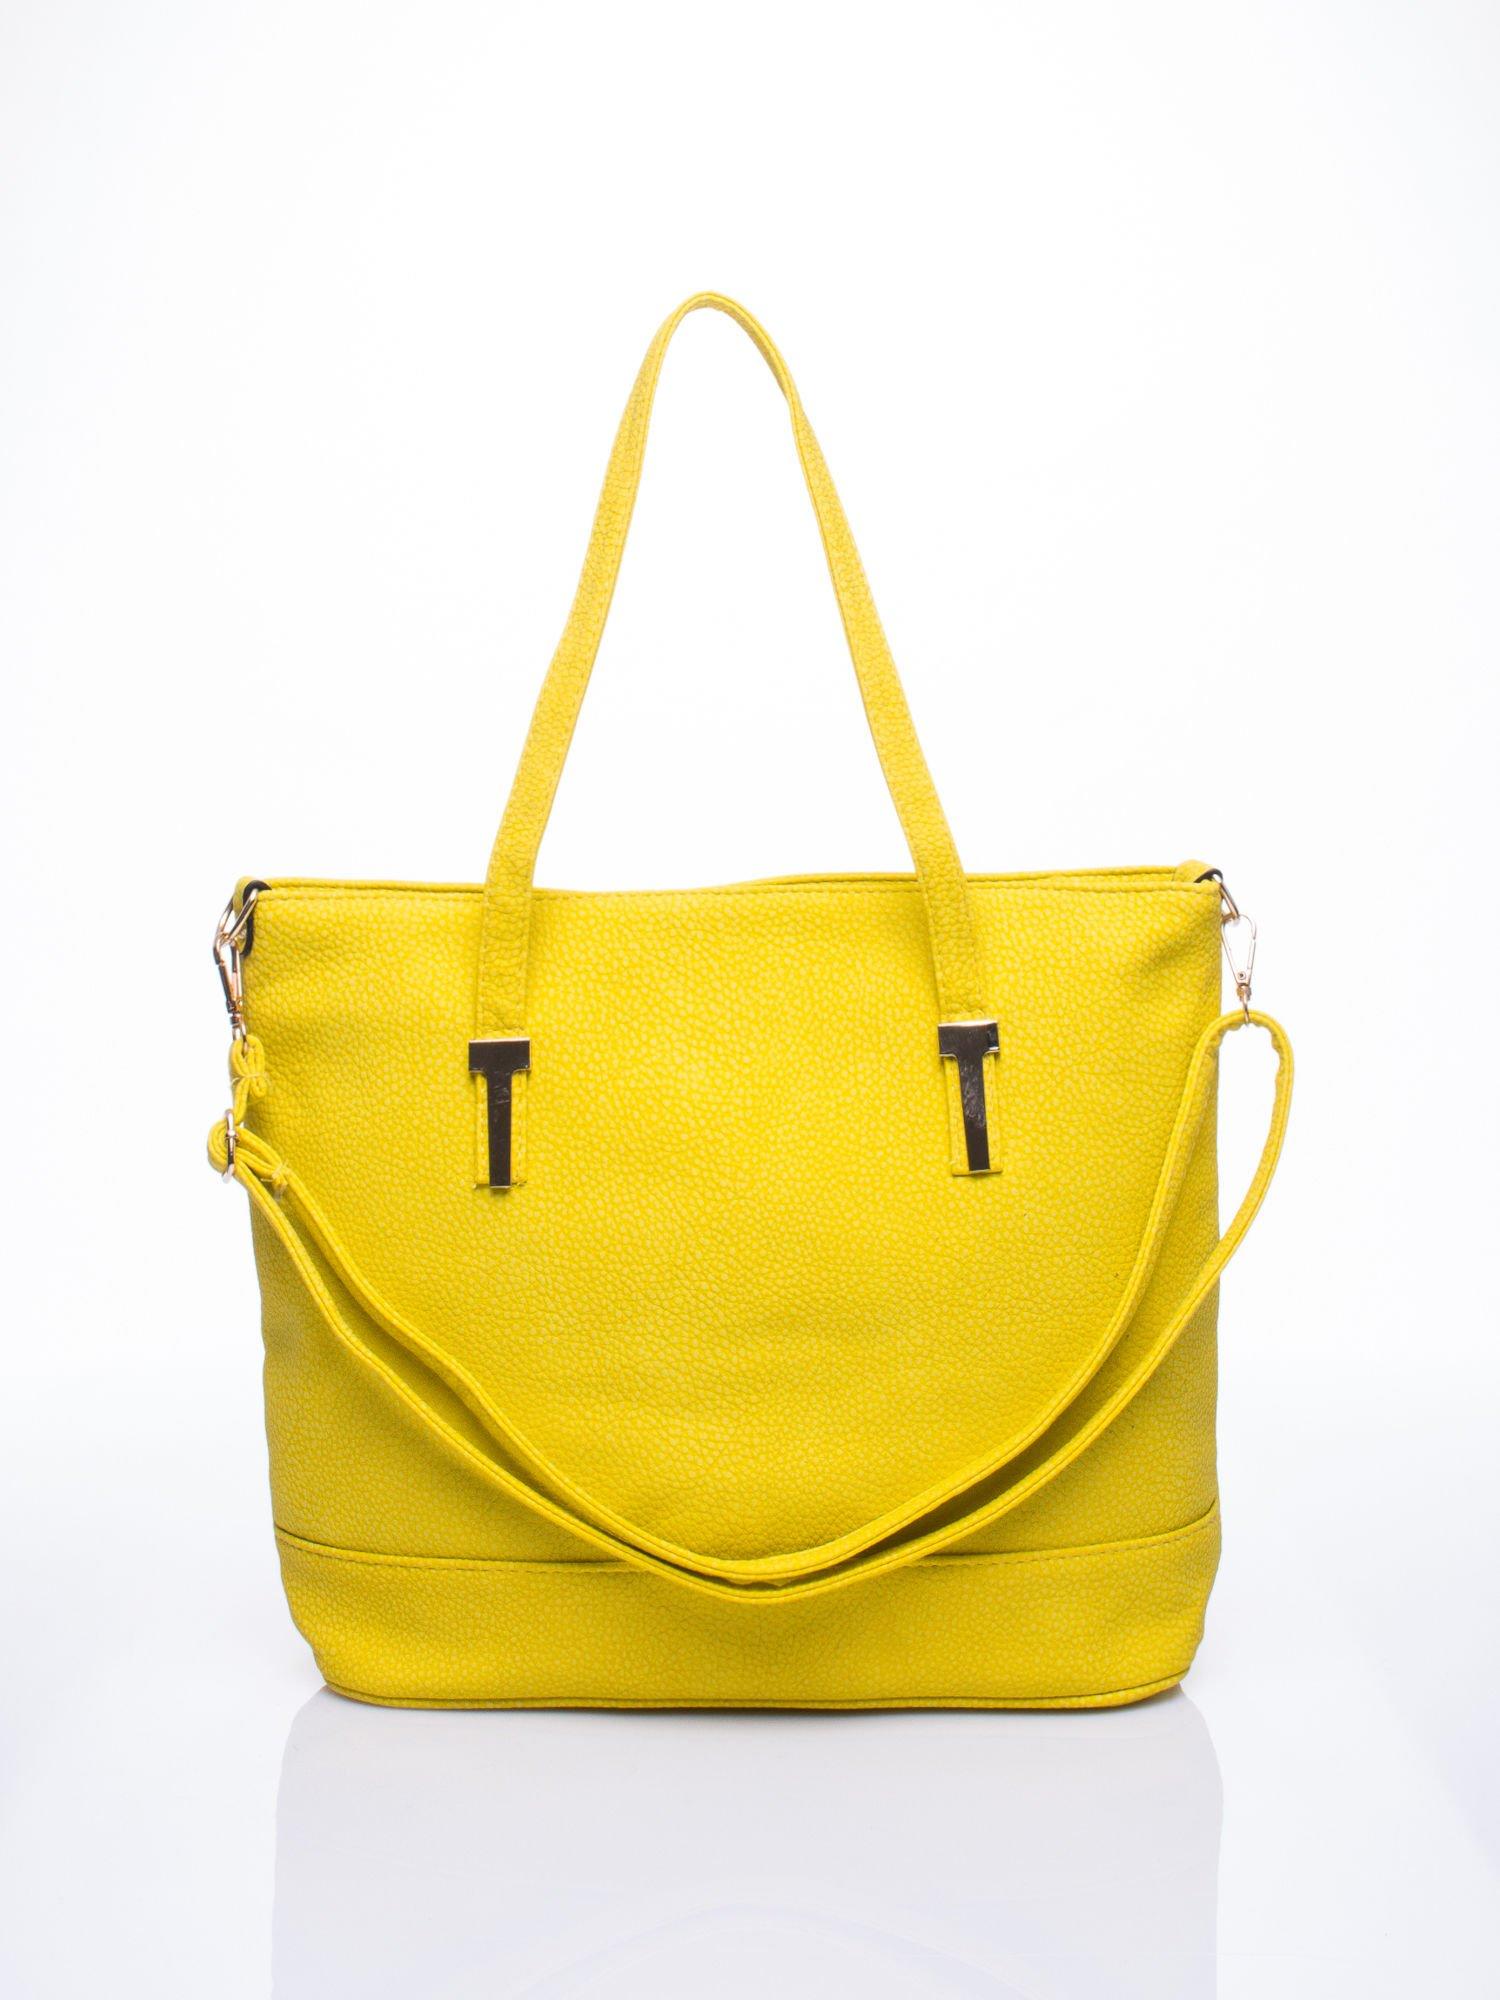 Żółta torba shopperka z odczepianym paskiem                                   zdj.                                  1